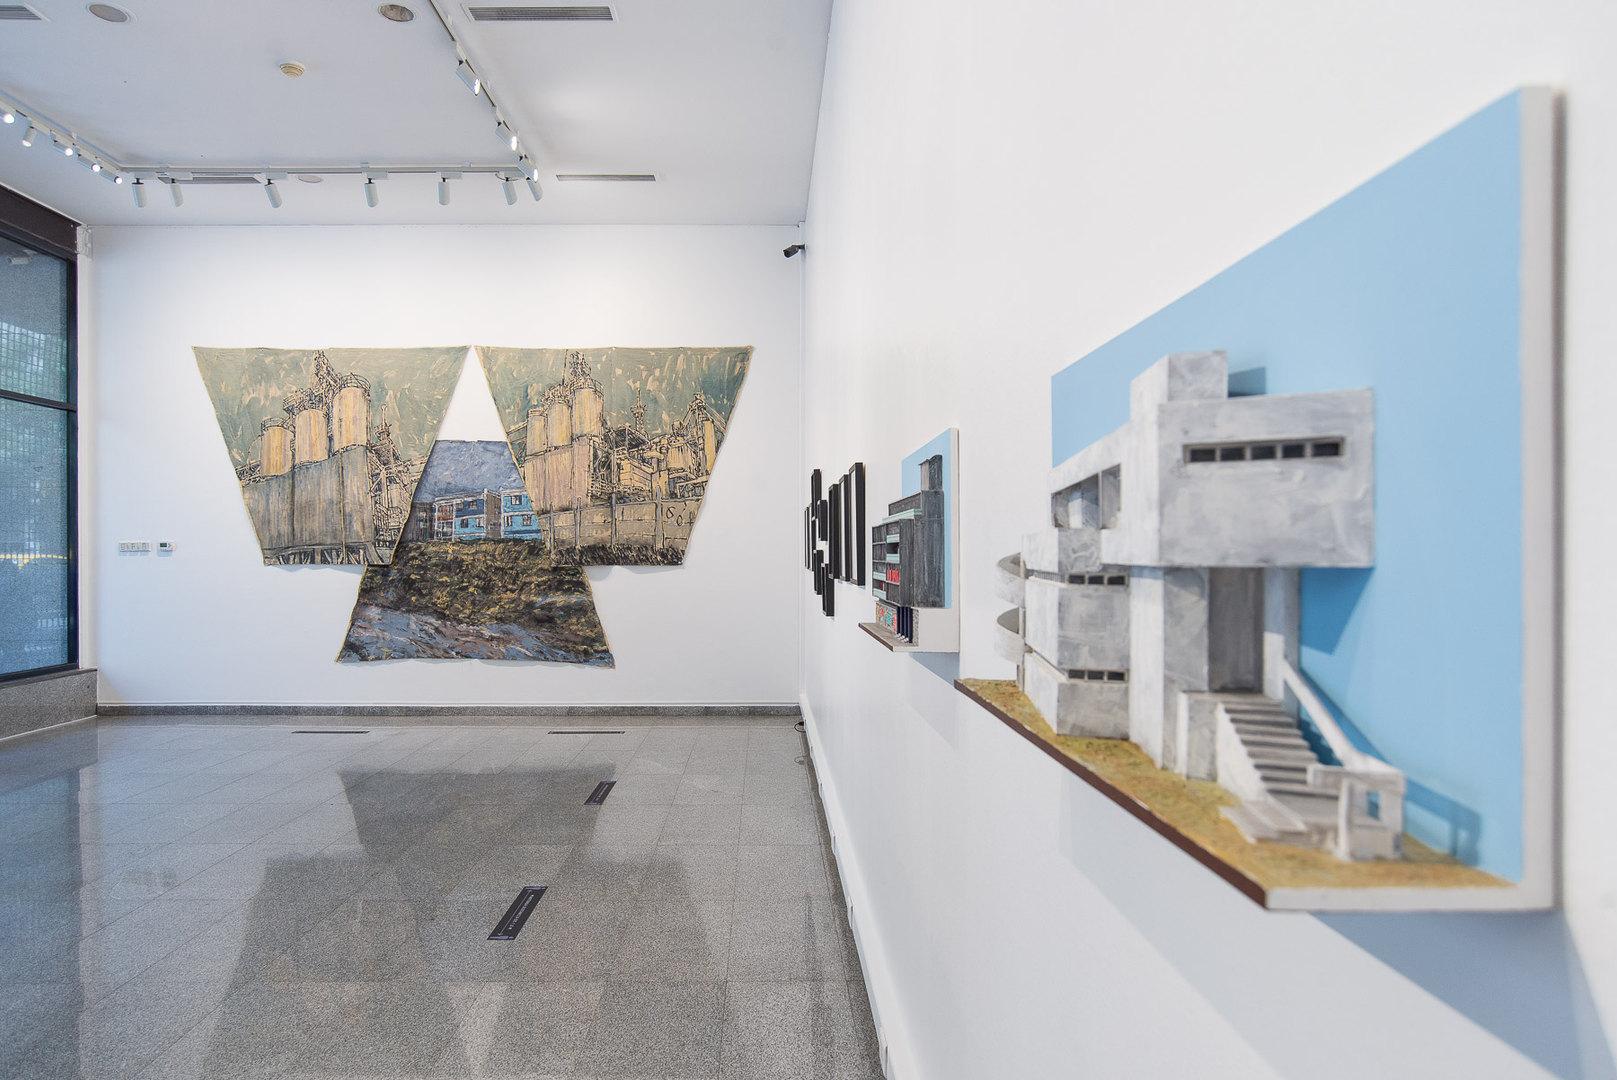 """Vista de exposición Flâneur, Obras de Leonardo Portus en primer plano, en el fondo obra de Sebastían Gonzales """"Lo espejo"""" © 2021"""